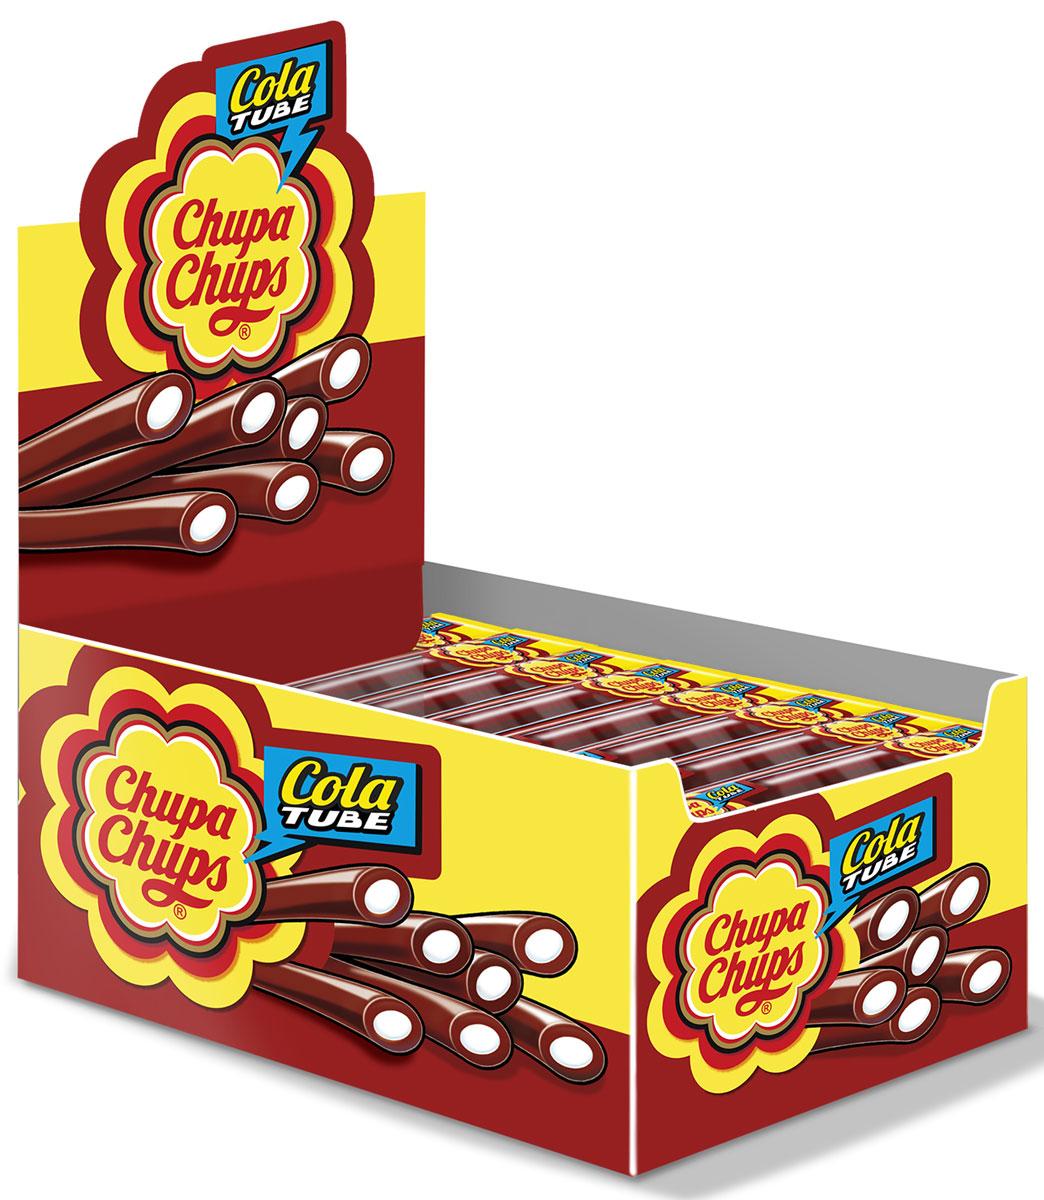 Chupa-Chups Cola Tube жевательный мармелад со вкусом колы, 50 штук0120710Новинка от Chupa-Chups - мармеладная трубочка со вкусом кока-колы! Никого не оставит равнодушным!